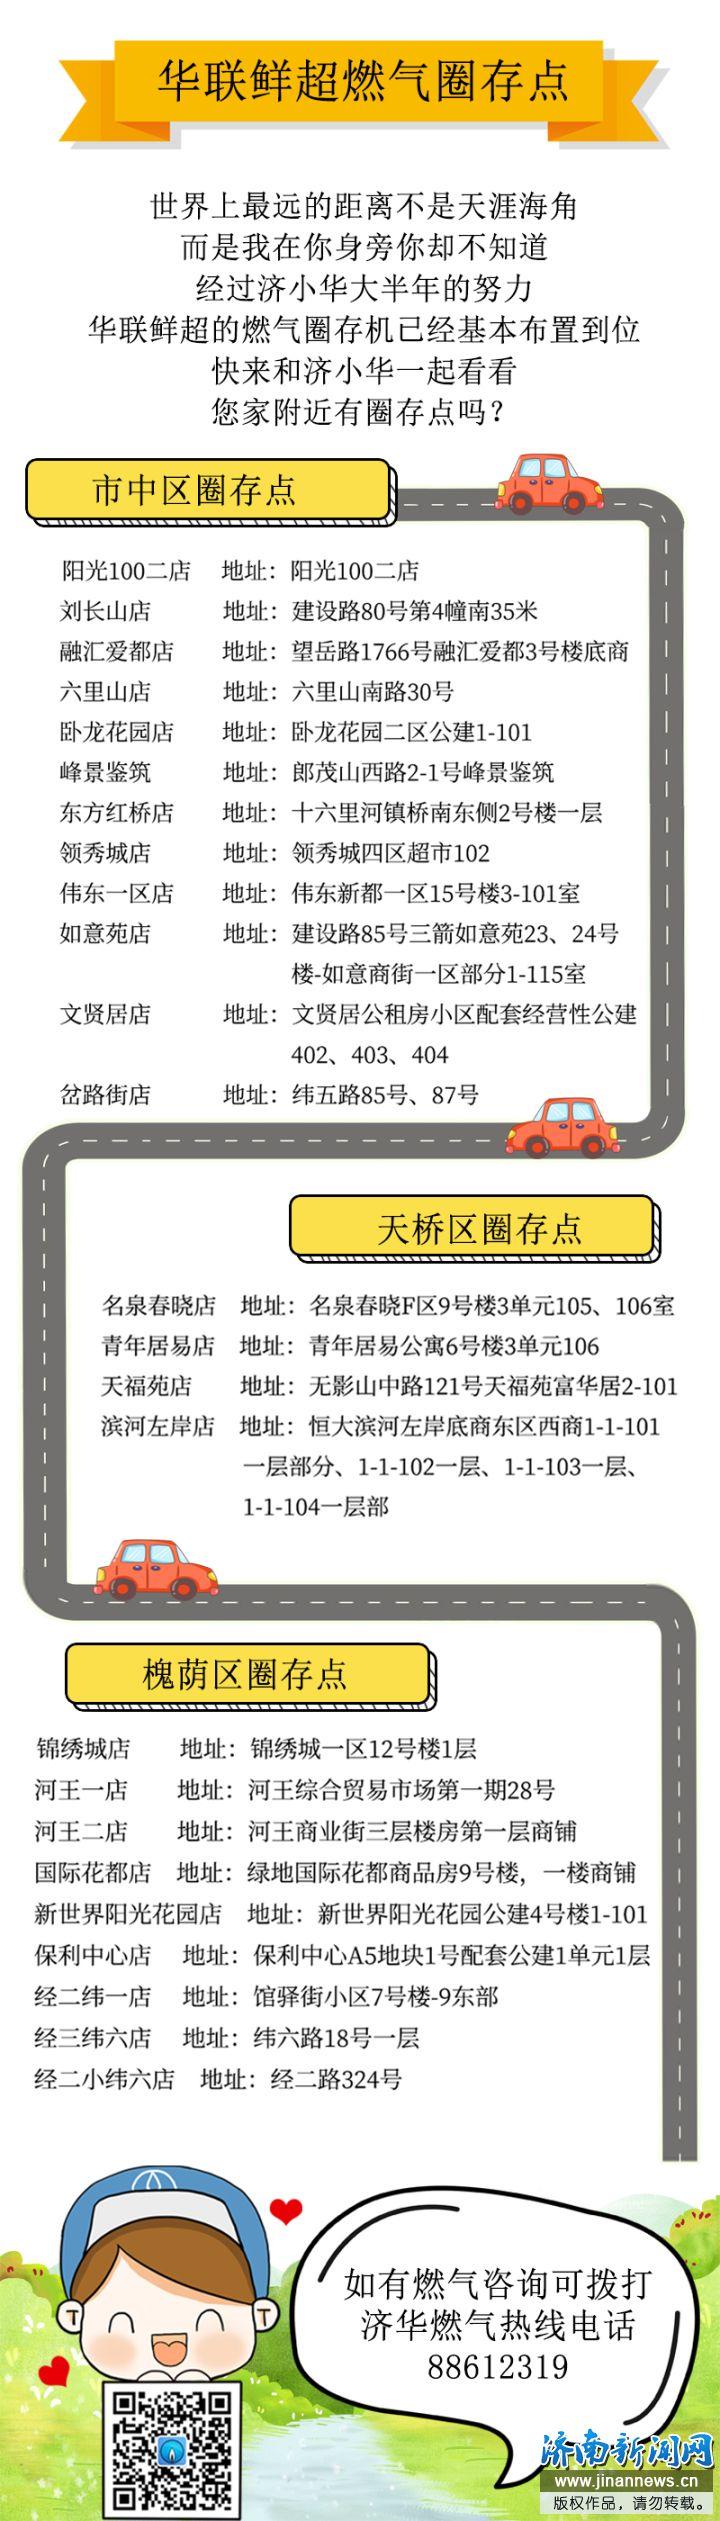 燃气缴费更便捷   济南西城新增25台燃气自助圈存机